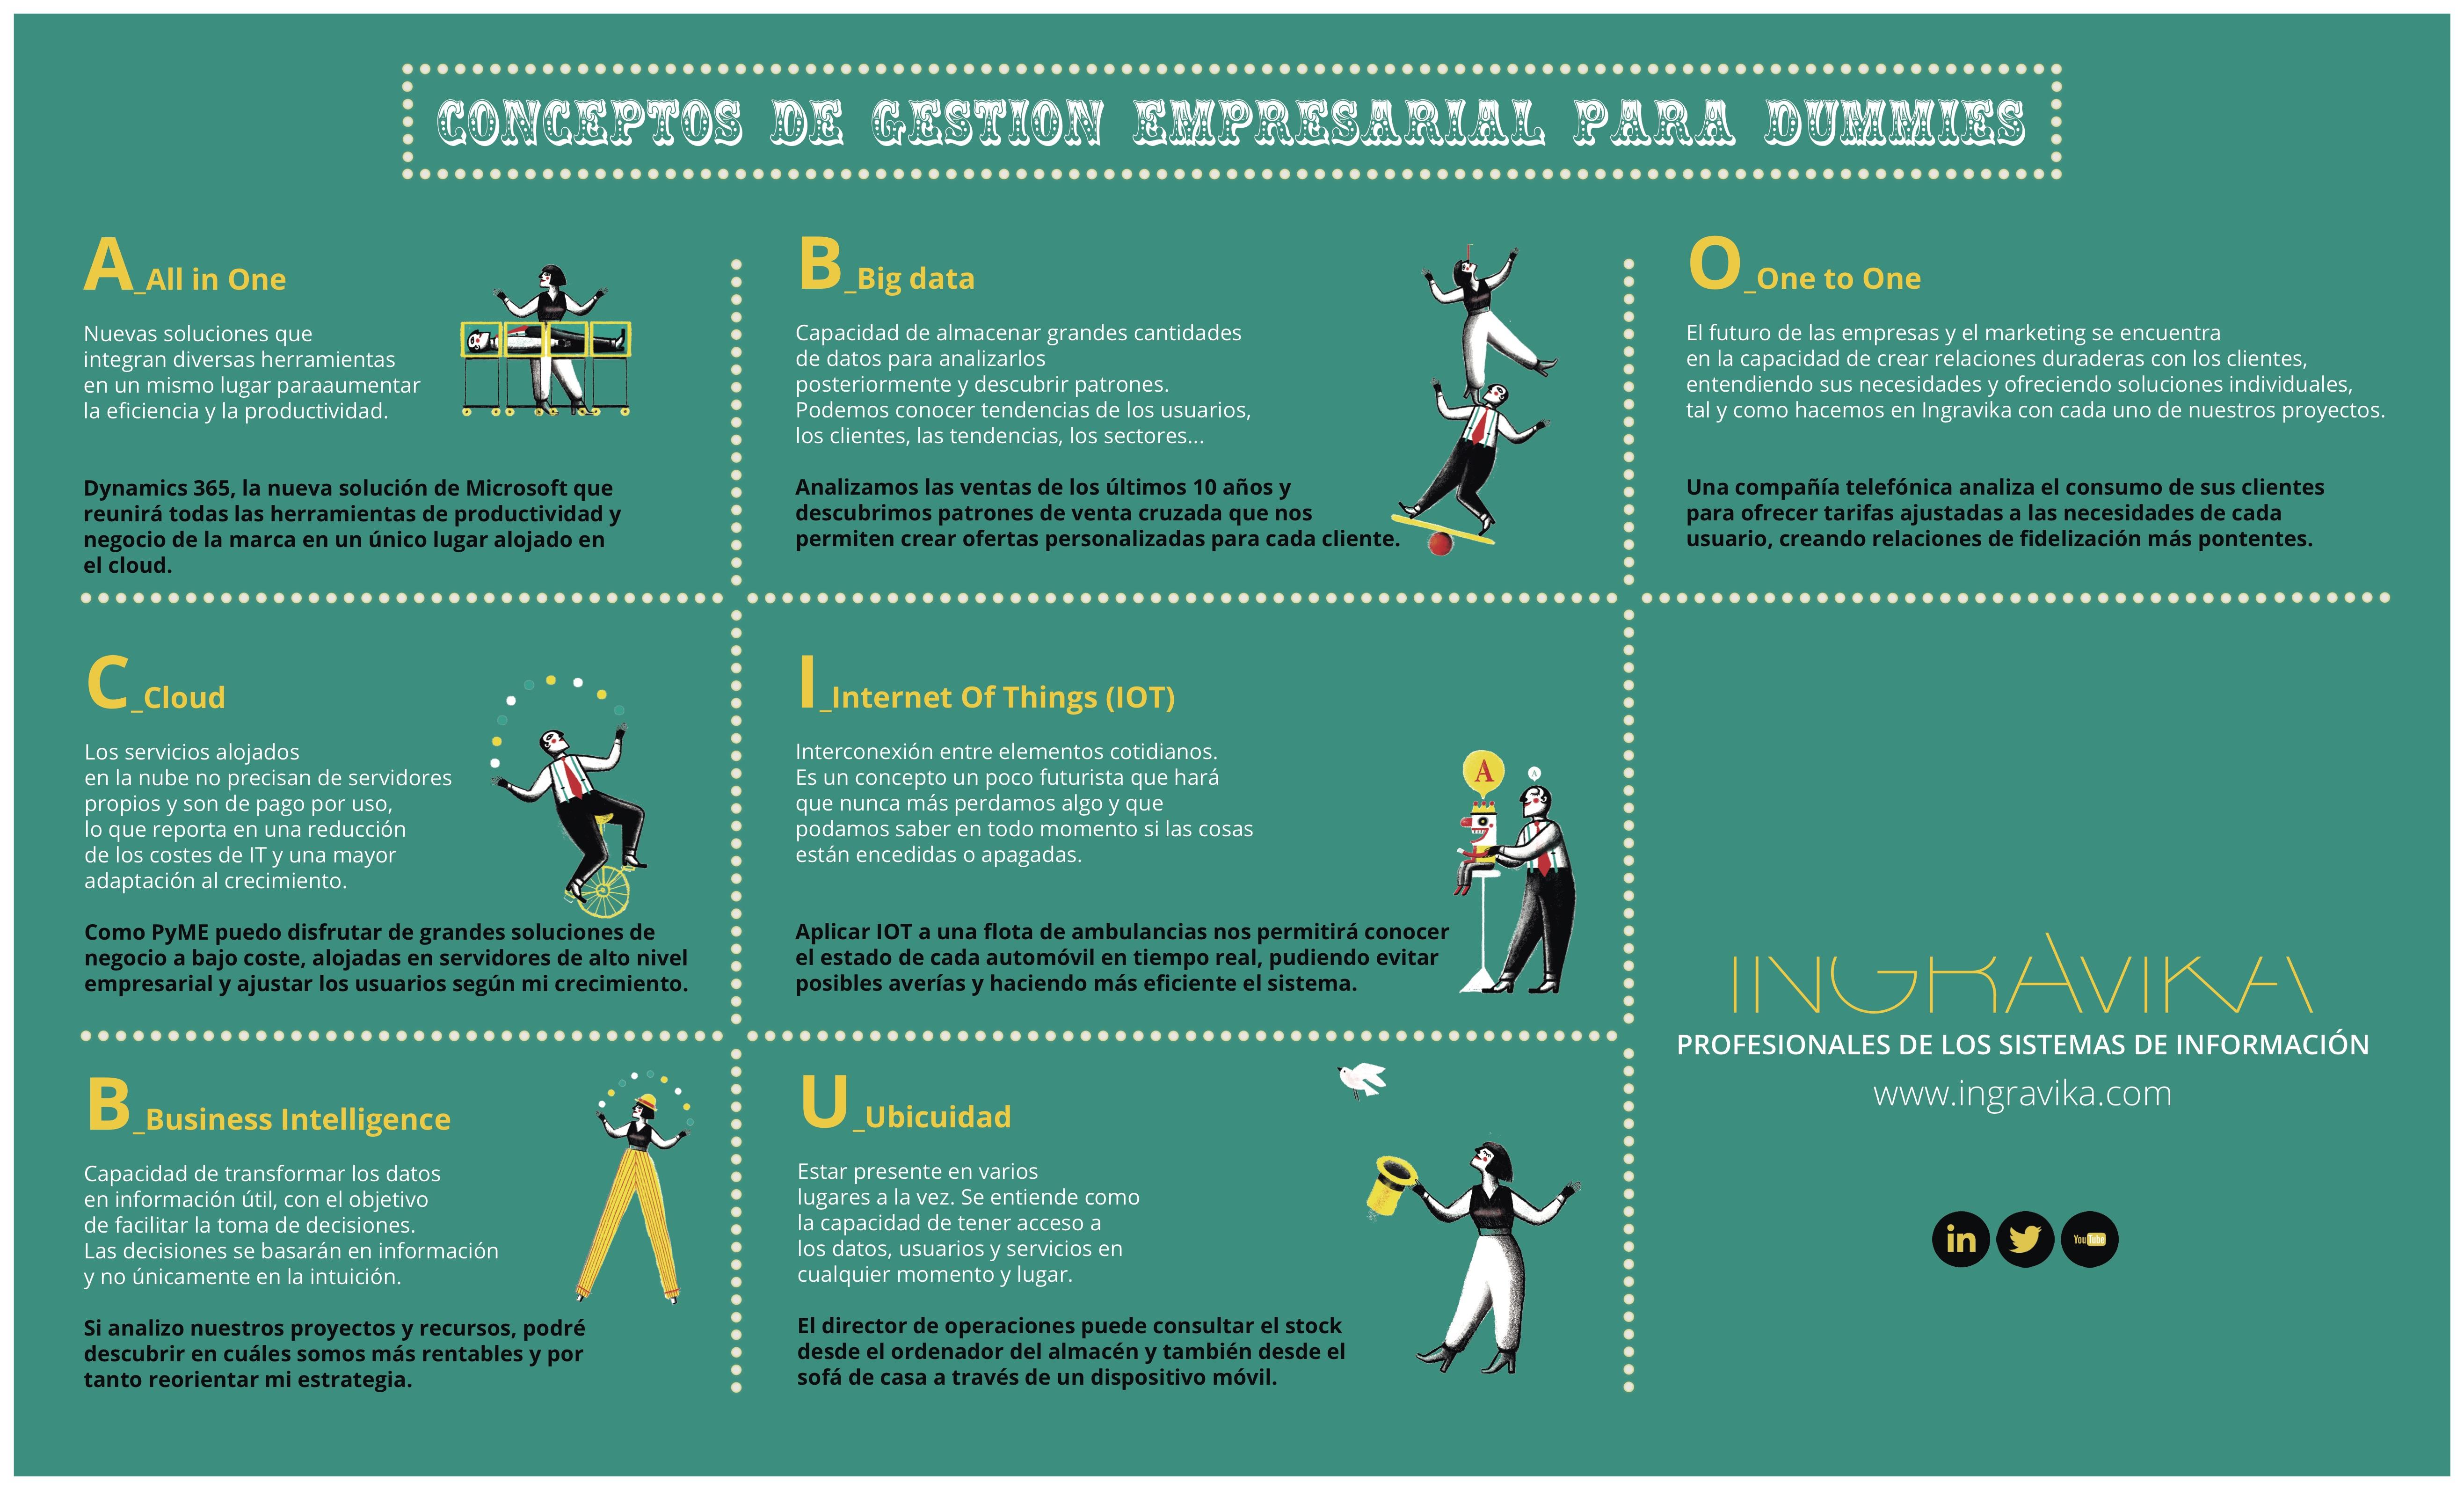 Conceptos de gestión empresarial para dummies #infografia #infographic